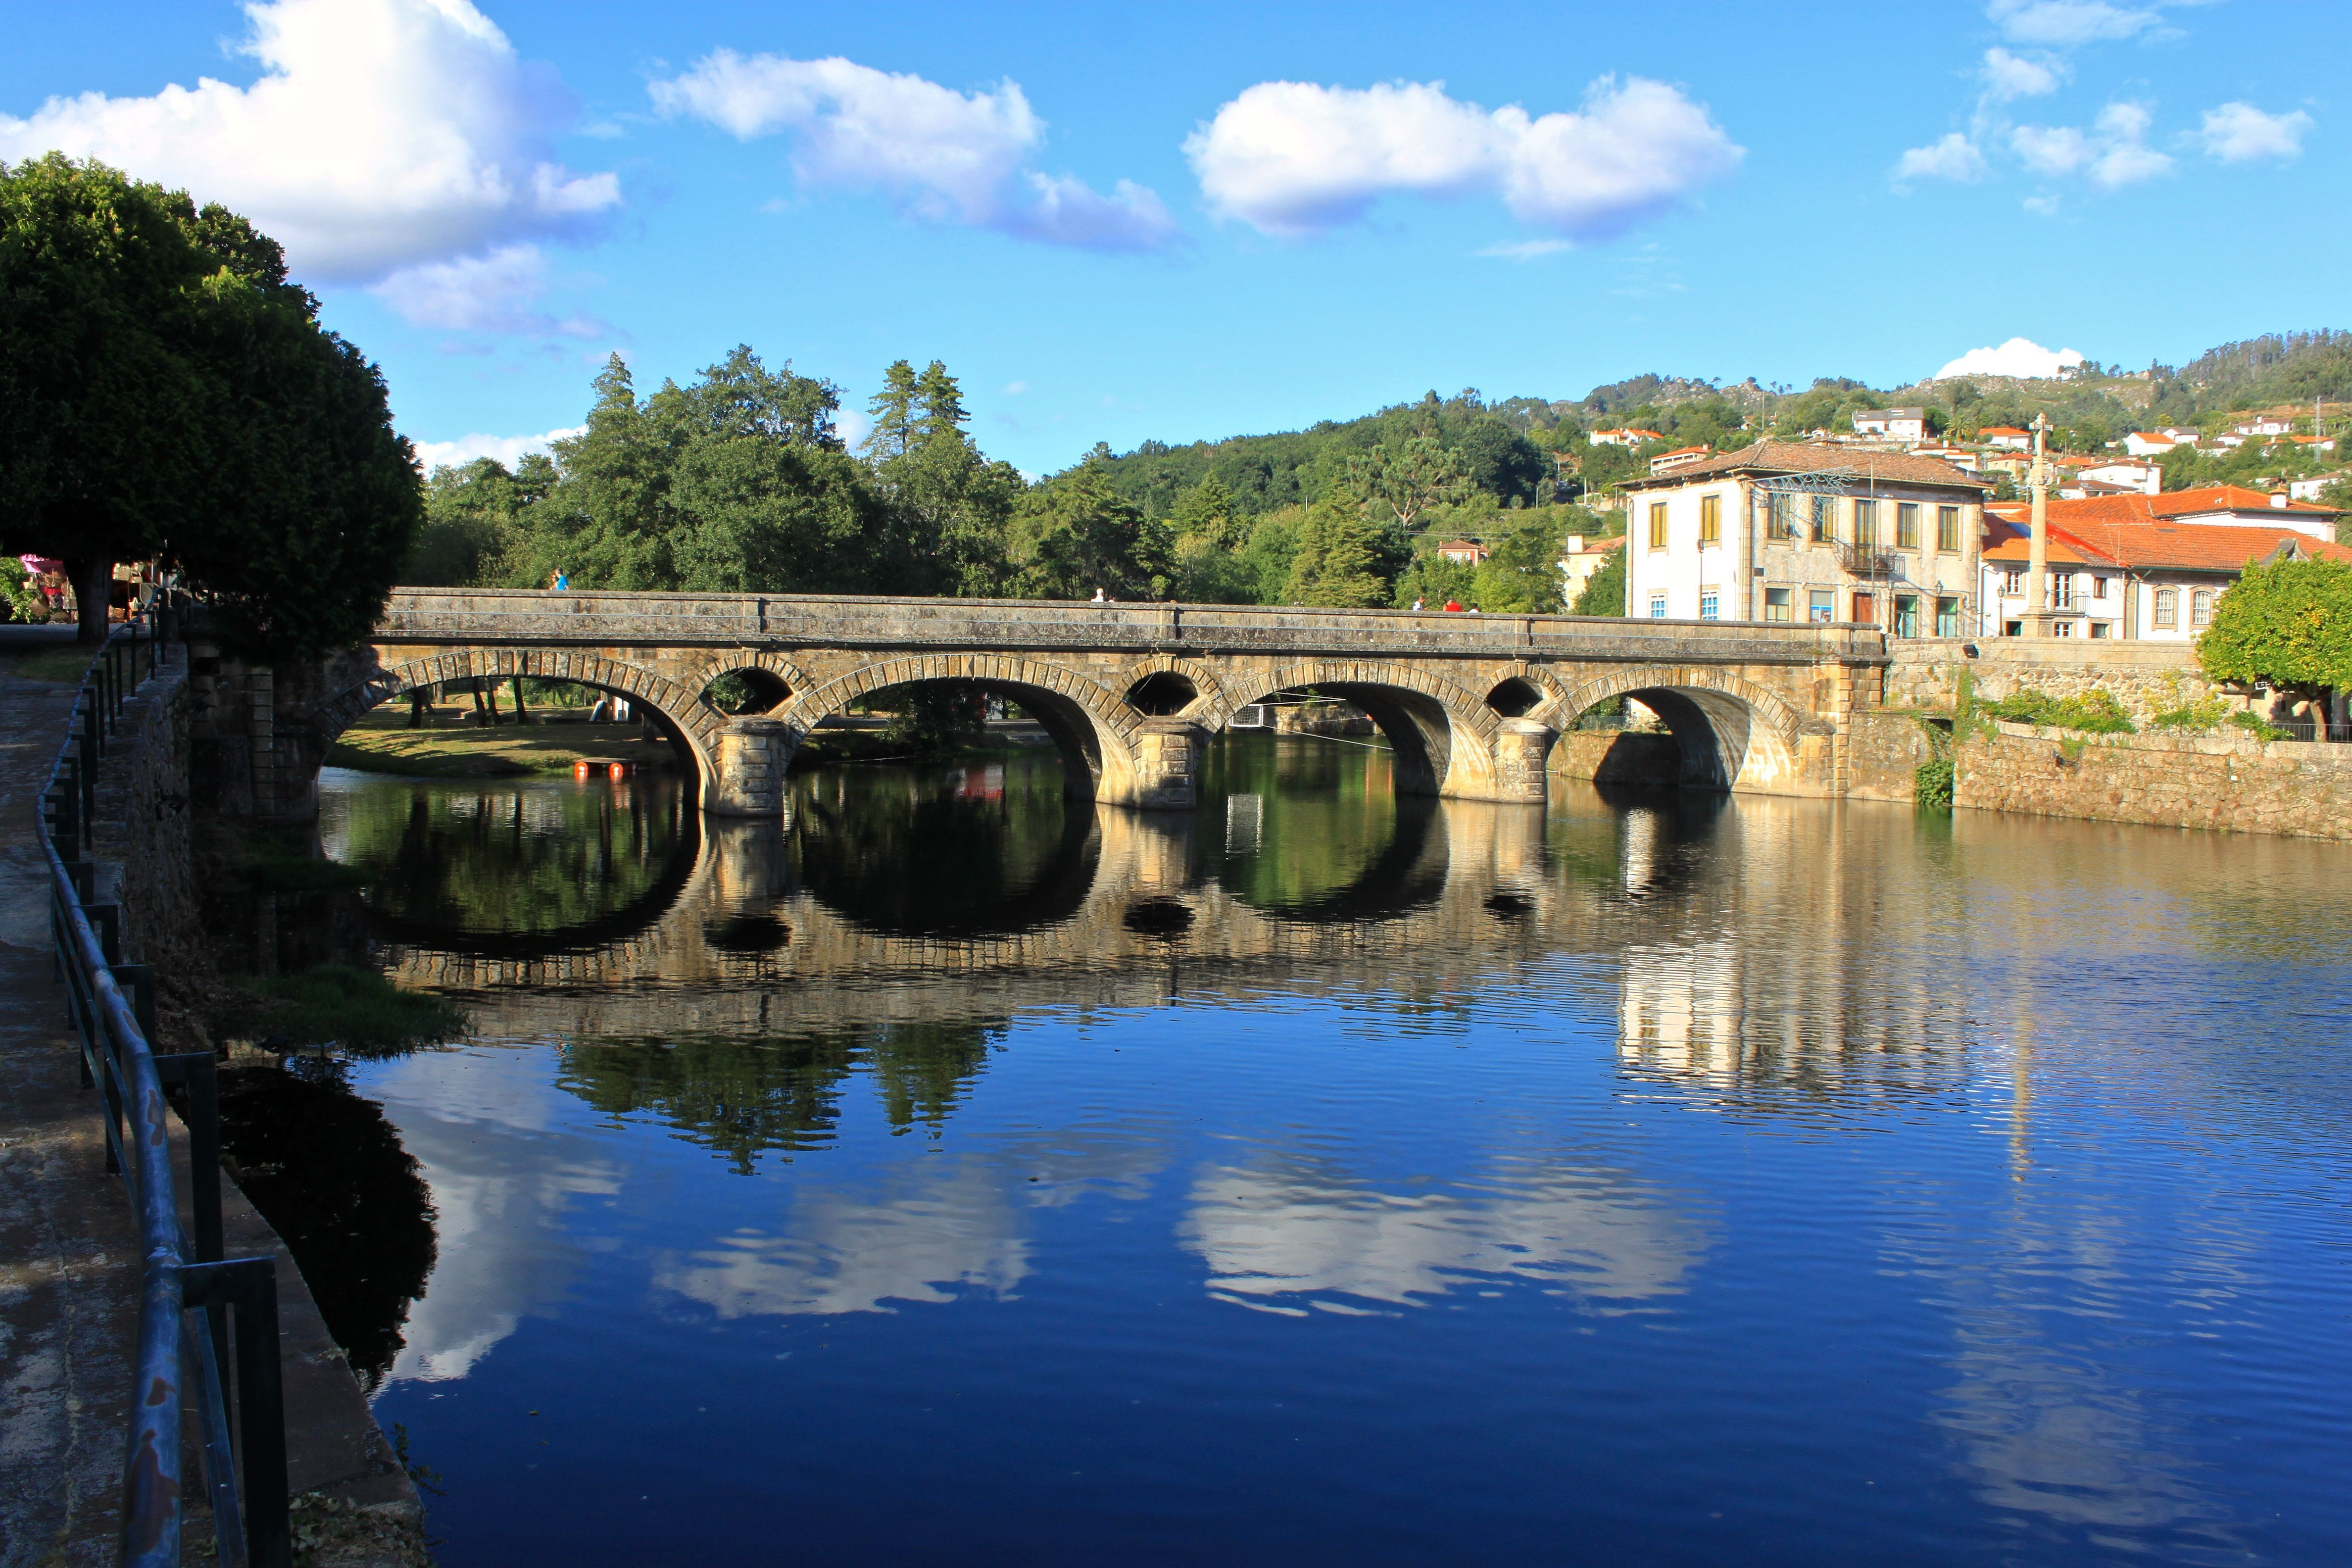 arcos-de-valdevez-ponte-centenc3a1ria-6.jpg (4752×3168)